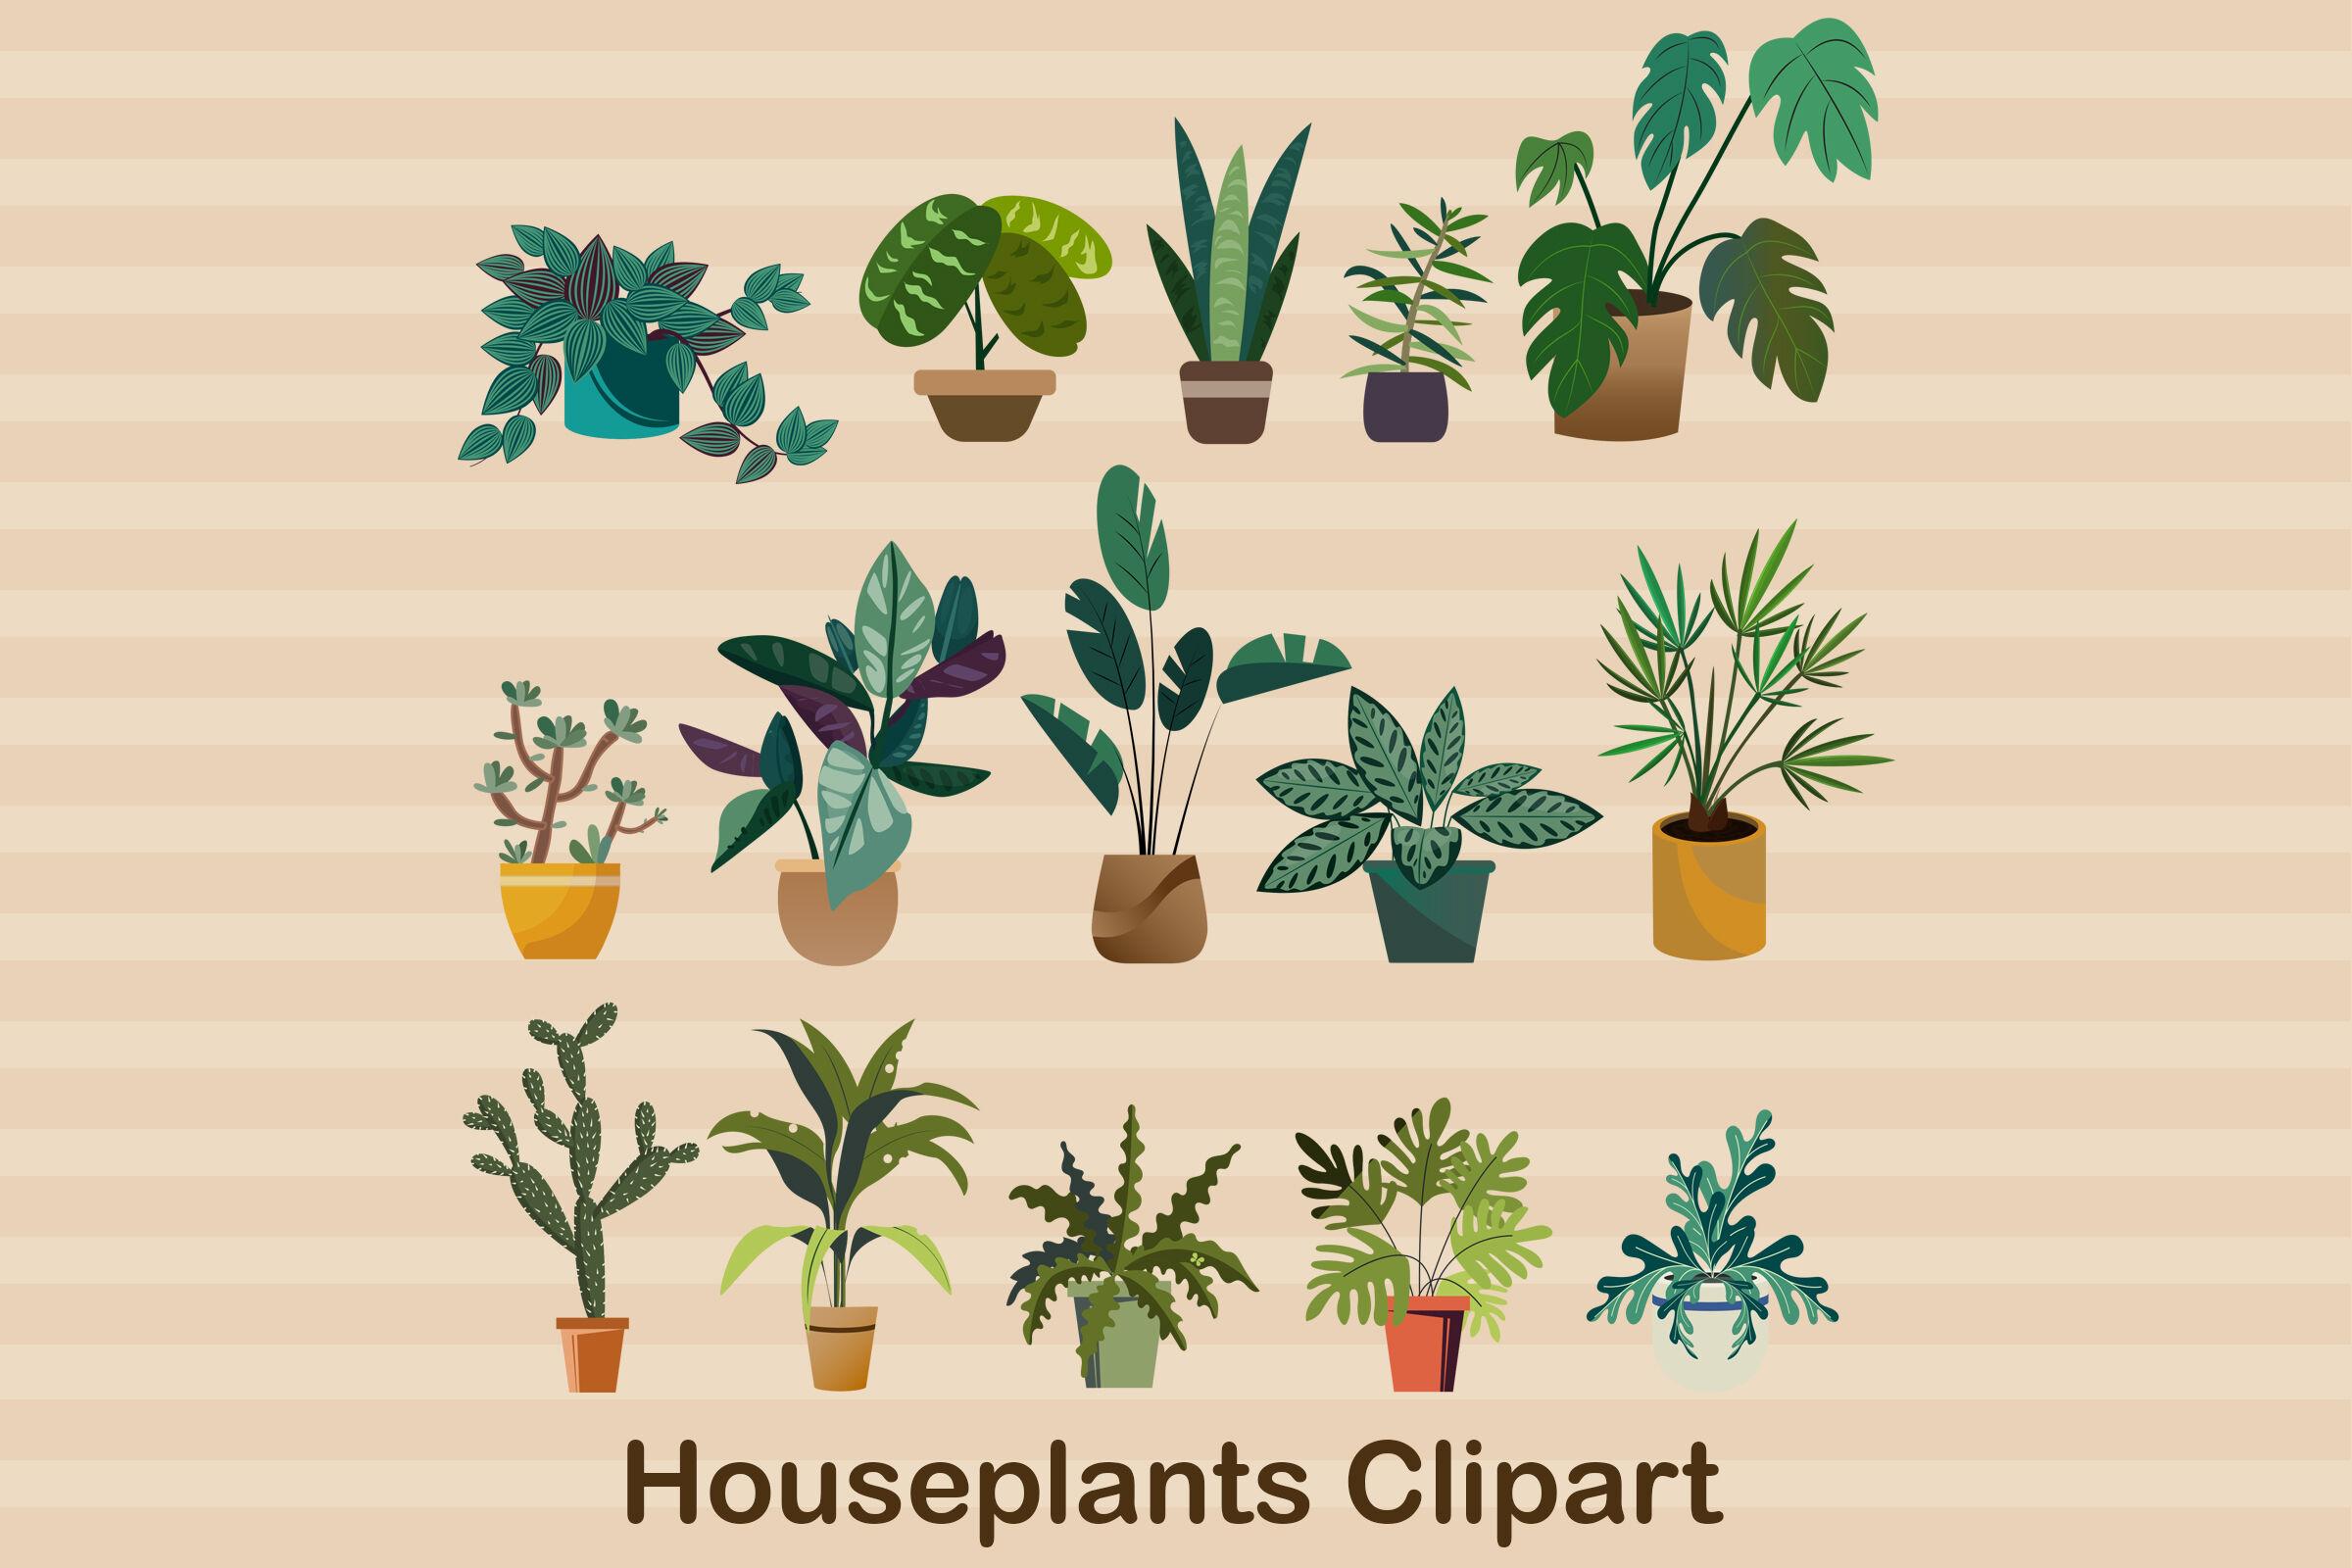 House Plants And Flowers Stock Vektor Art und mehr Bilder von Aloe - iStock